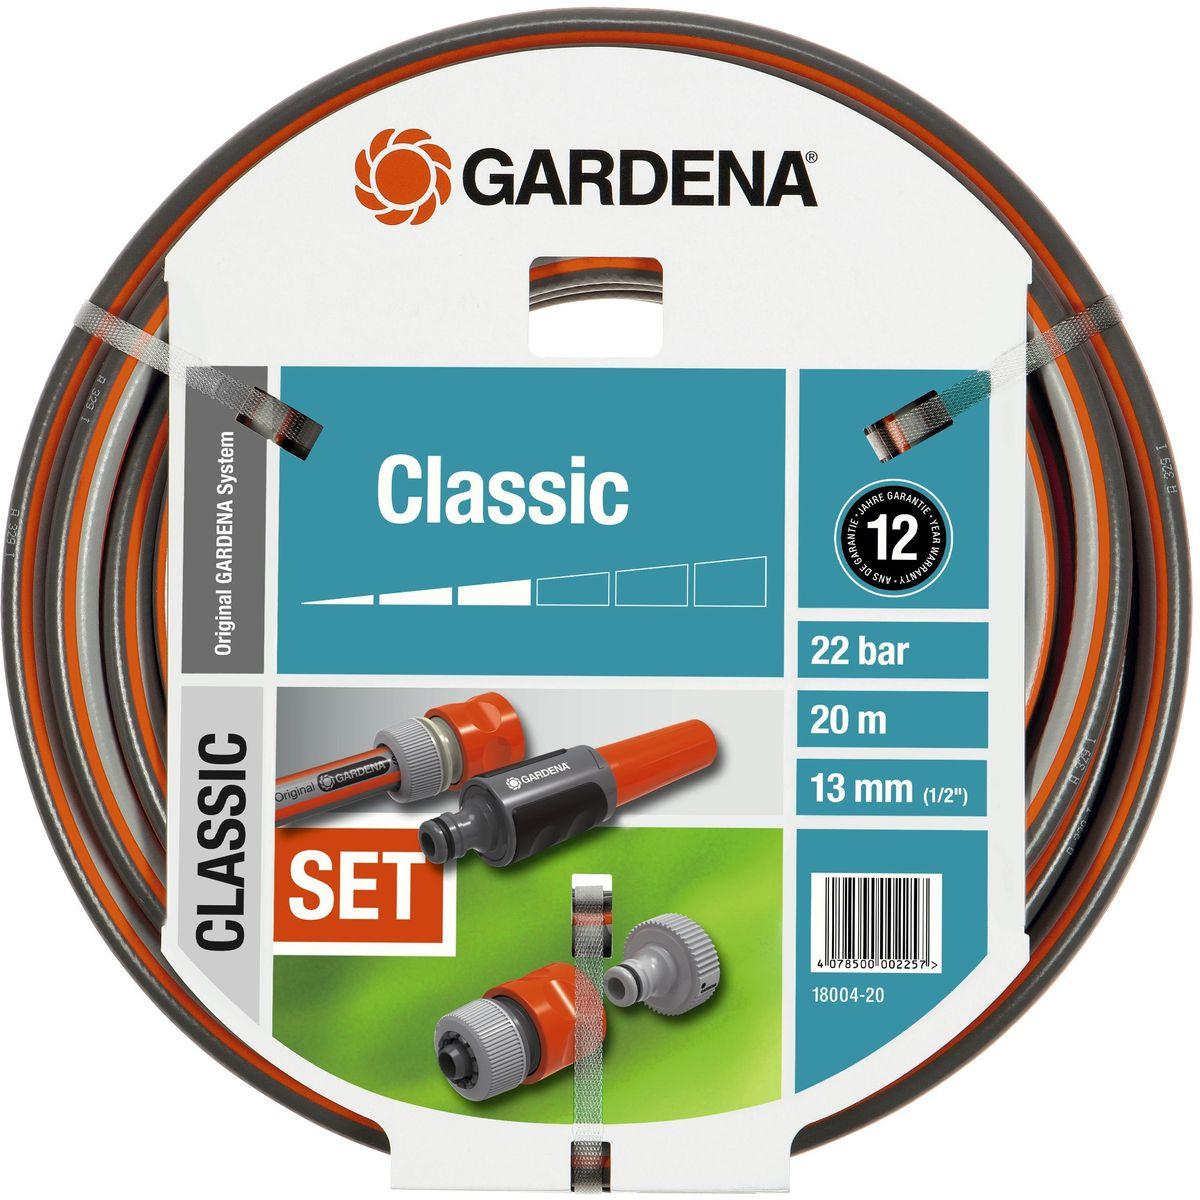 Шланг Gardena Classic, с аксессуарами, диаметр 1/2, длина 20 м18004-20.000.00Шланг Gardena Classic используется совместно с садовой техникой, например его быстро и просто подсоединить к водопроводному крану. Высококачественное армирование способствует сохранению первоначальной формы, не спутывается и не перекручивается. Шланг не восприимчив к УФ-излучению и в его составе отсутствуют фталаты и тяжелые металлы. Выдерживает давление до 22 бар. Благодаря толстым стенкам и высококачественным материалам шланг служит очень долго. В комплекте с данным шлангом поставляется комплект соединительных элементов Original Gardena System: резьбовой штуцер, адаптер, коннектор с автостопом и наконечник. Рекомендуем!